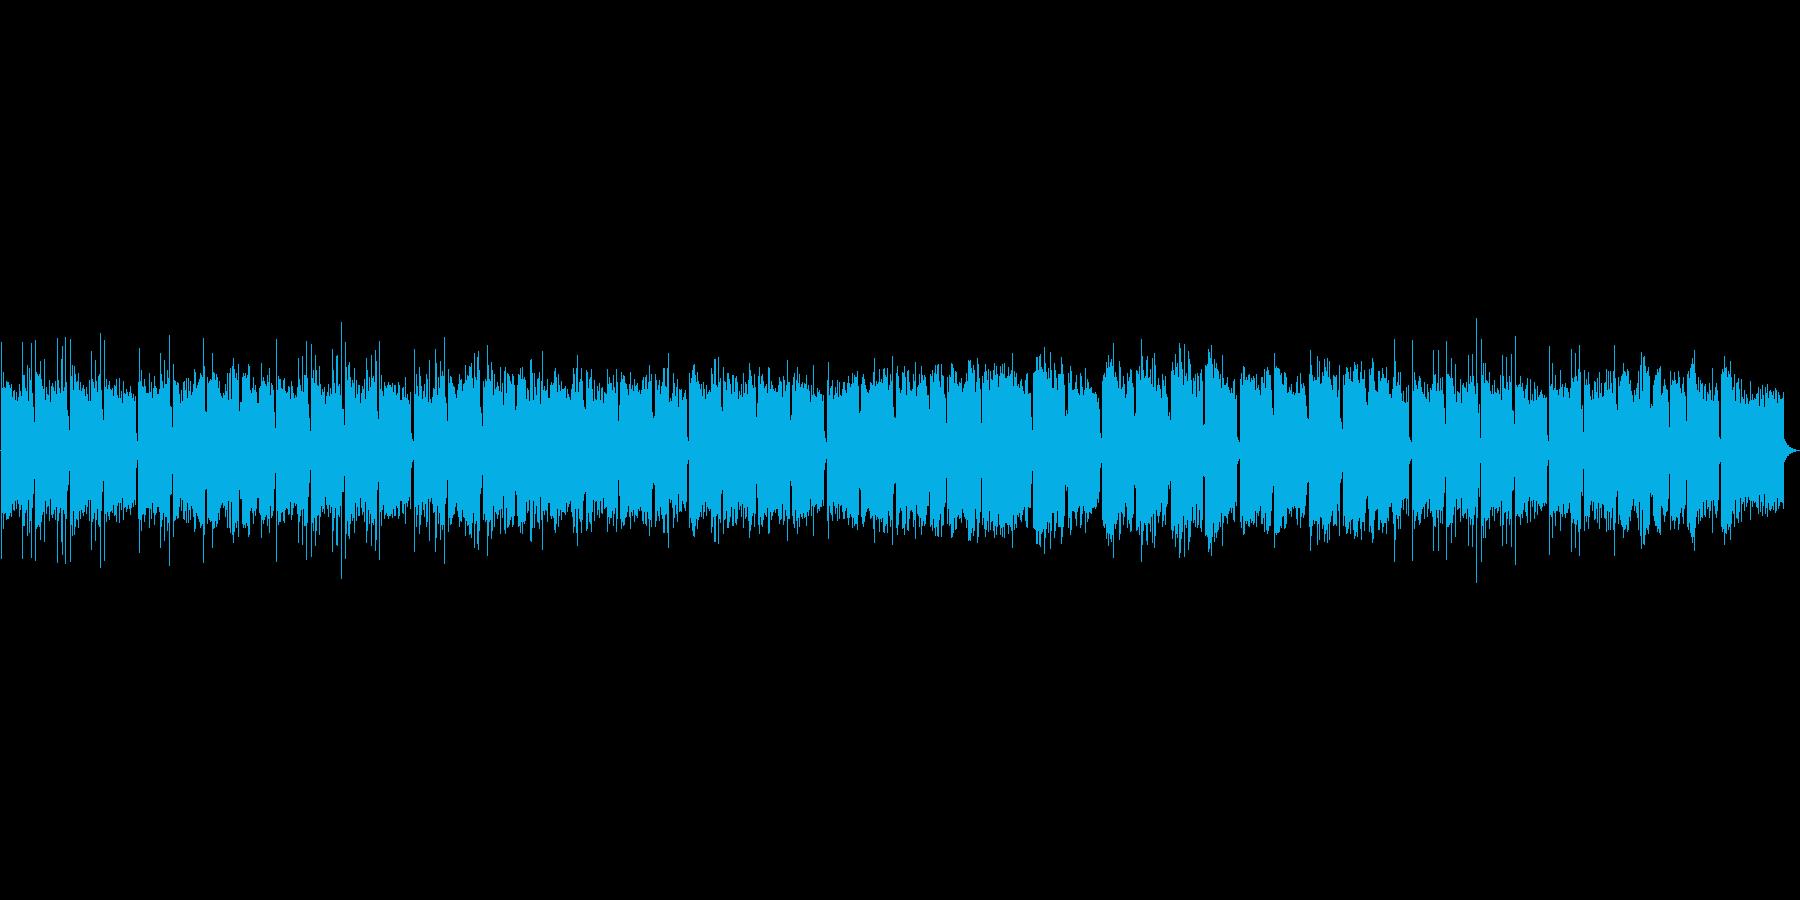 懸命に前向きになろうとイメージした曲の再生済みの波形